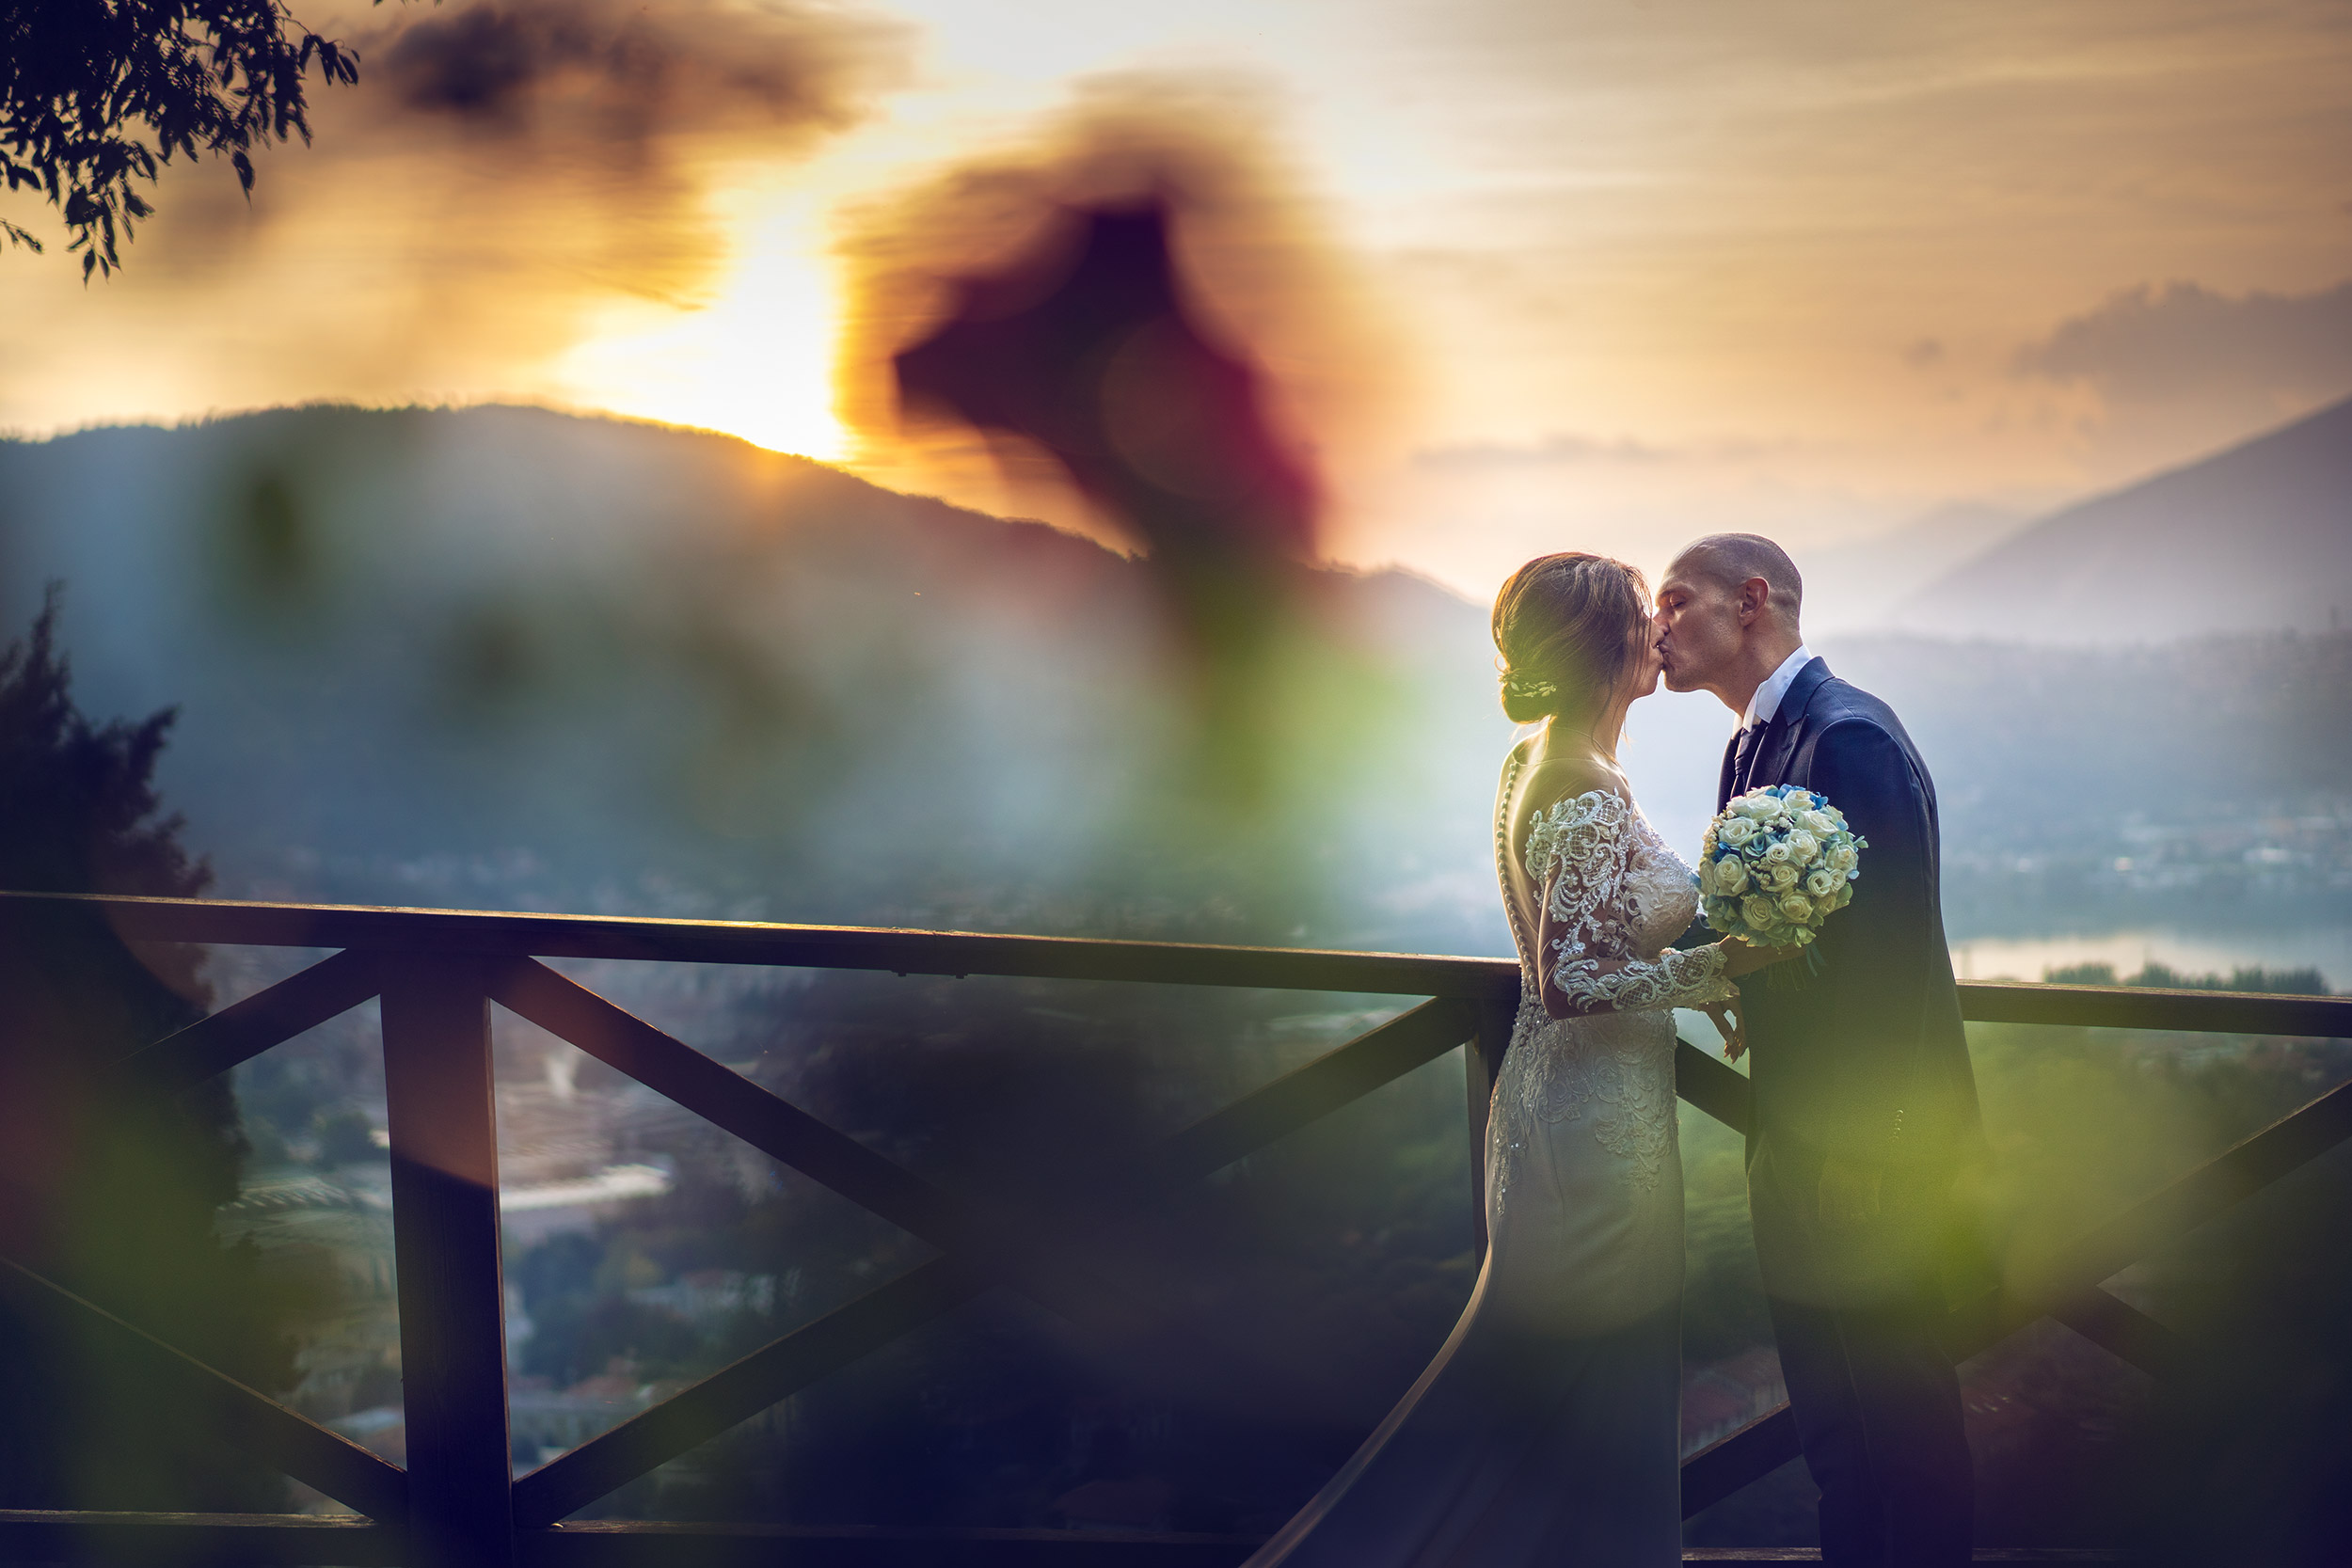 000 reportage sposi foto matrimonio wedding castello rossino calolziocorte lecco lago como copia 1